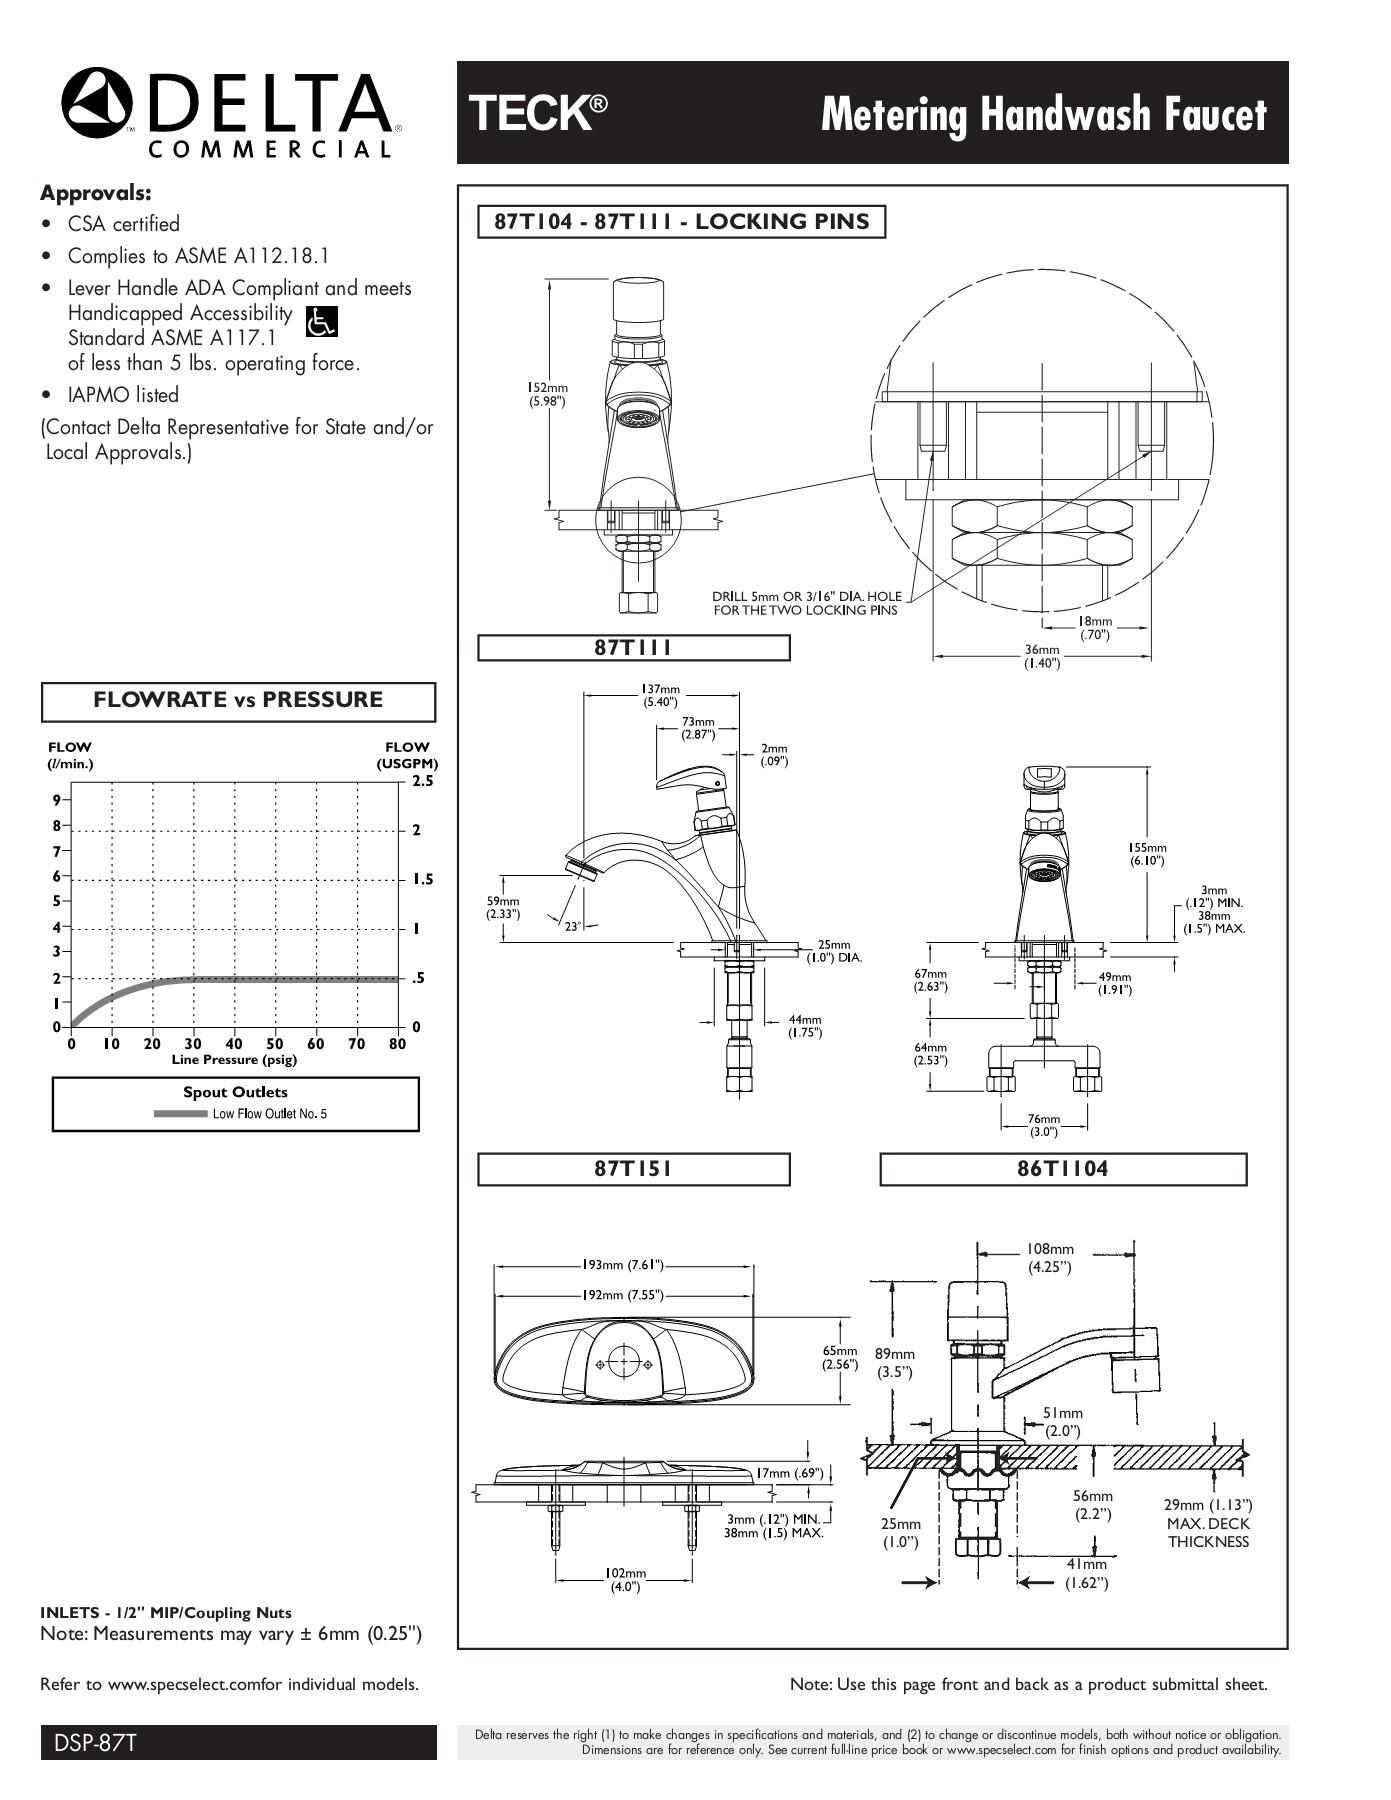 metering handwash faucet delta